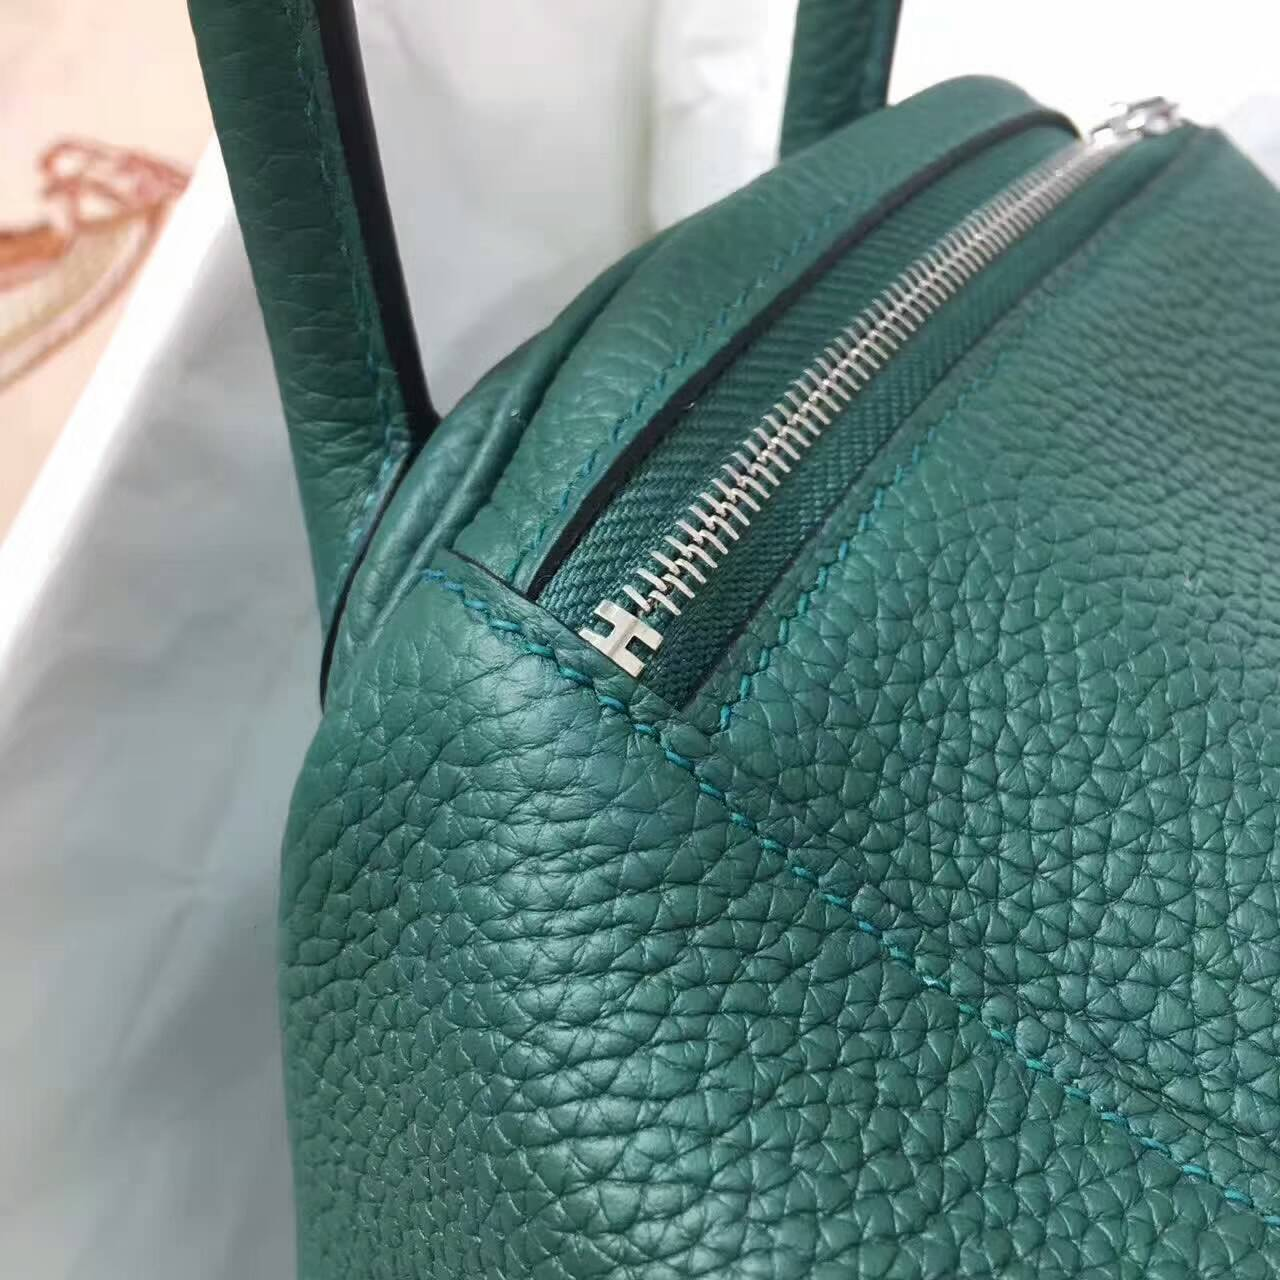 爱马仕Lindy包包 26cm Clemence 法国原产Togo大牛皮 孔雀绿